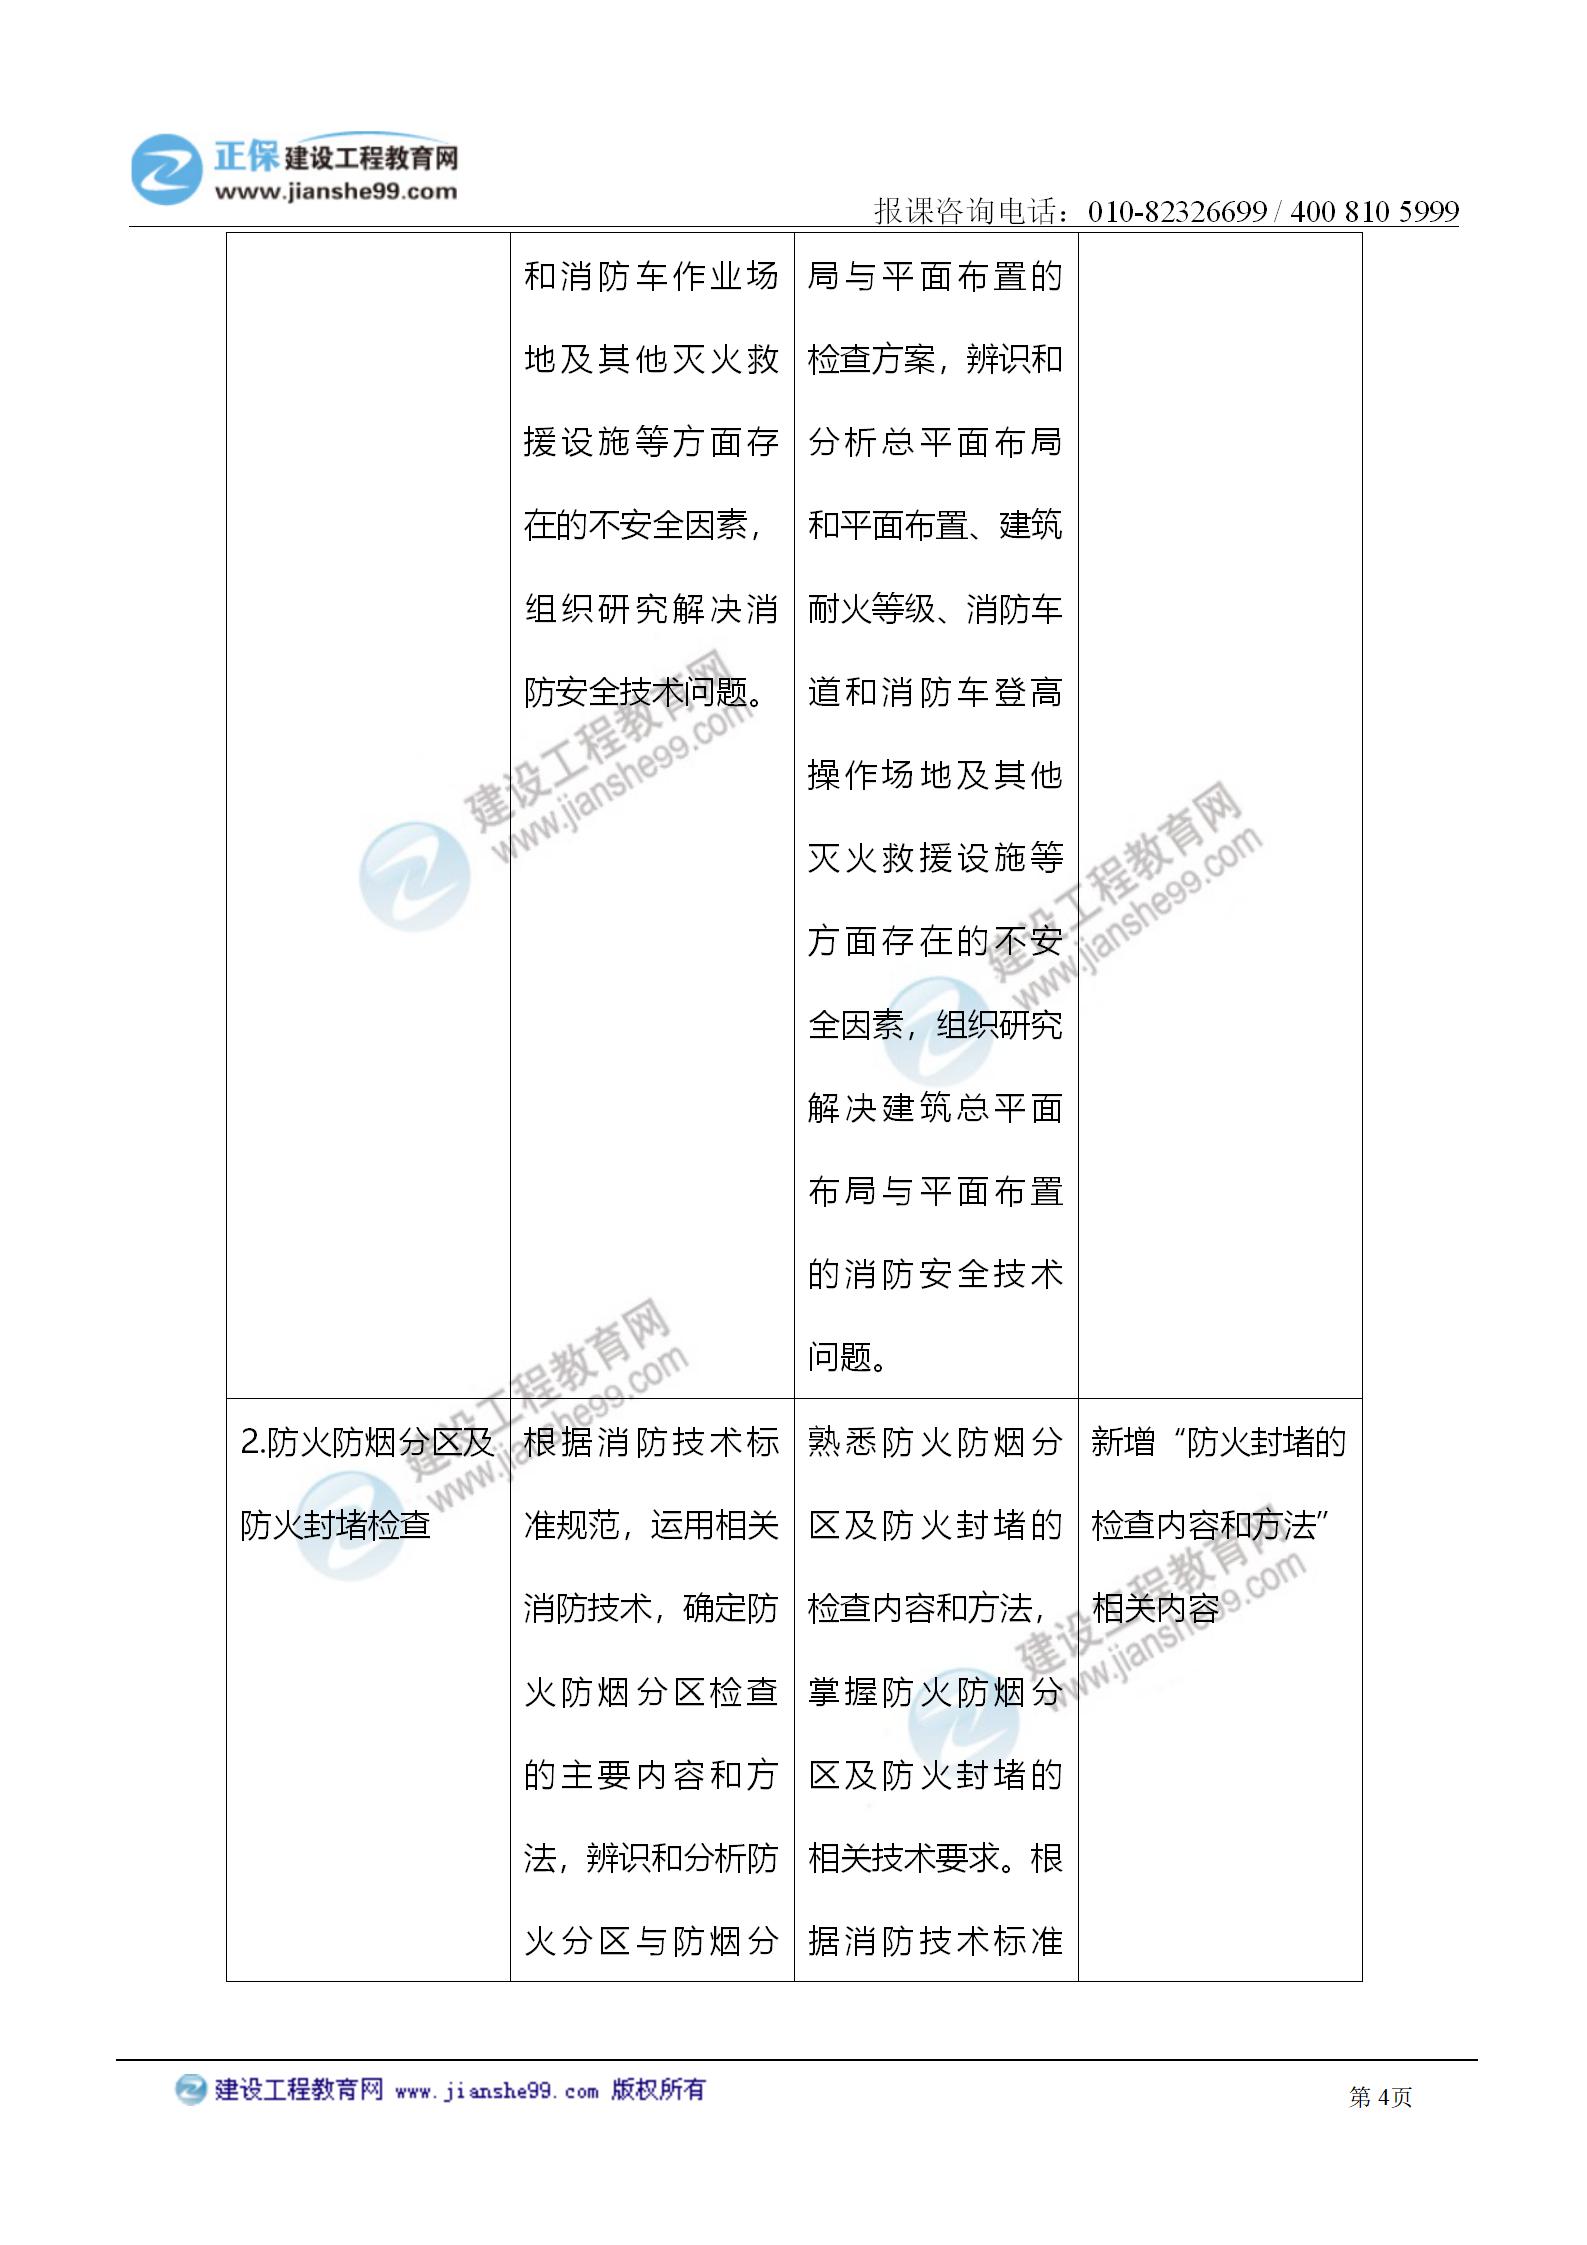 2021注册消防工程师《综合能力》考试大纲变化情况_04